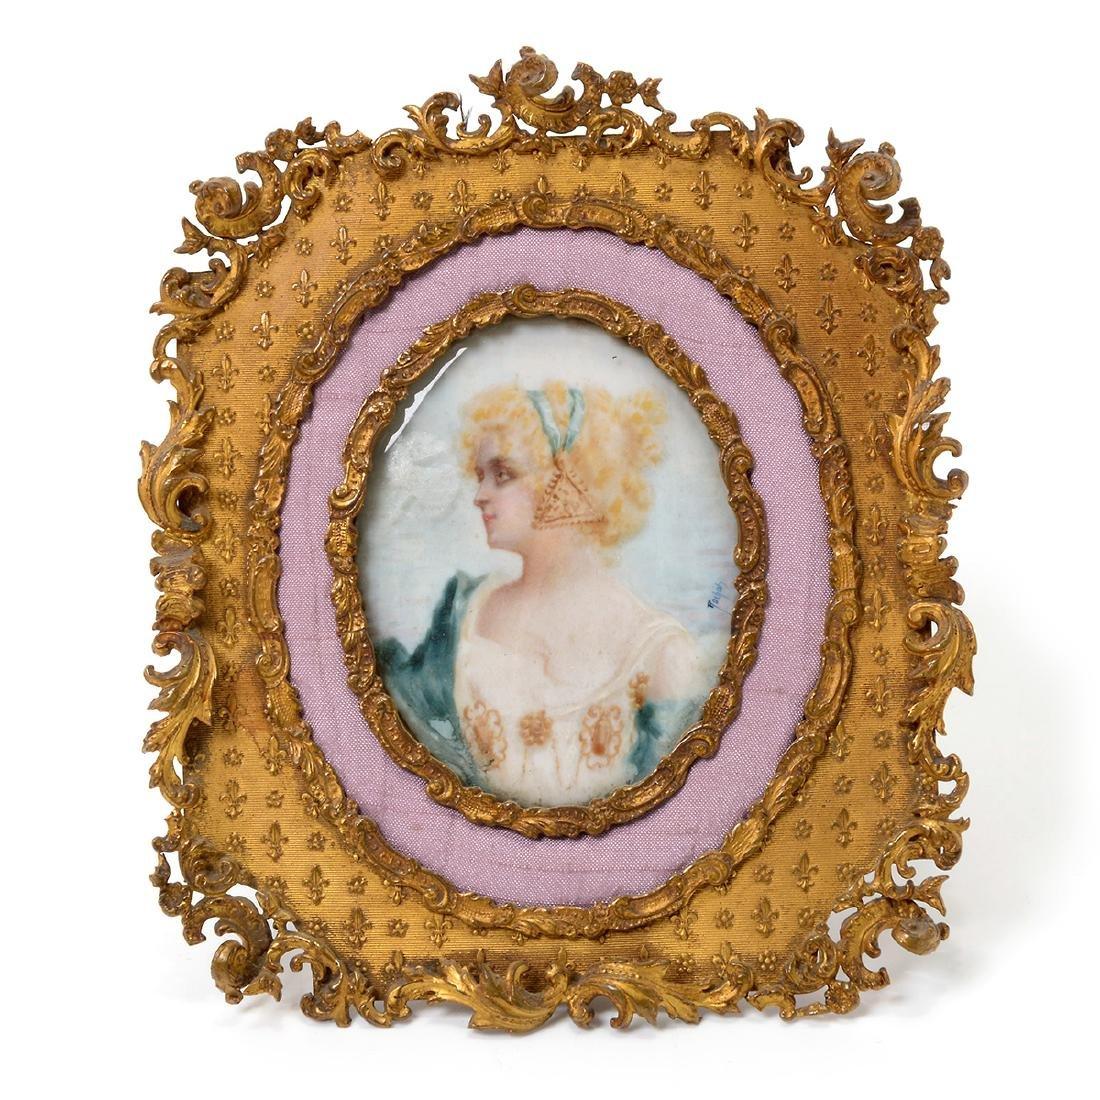 Six Brass Framed Miniature Portraits of Women - 2